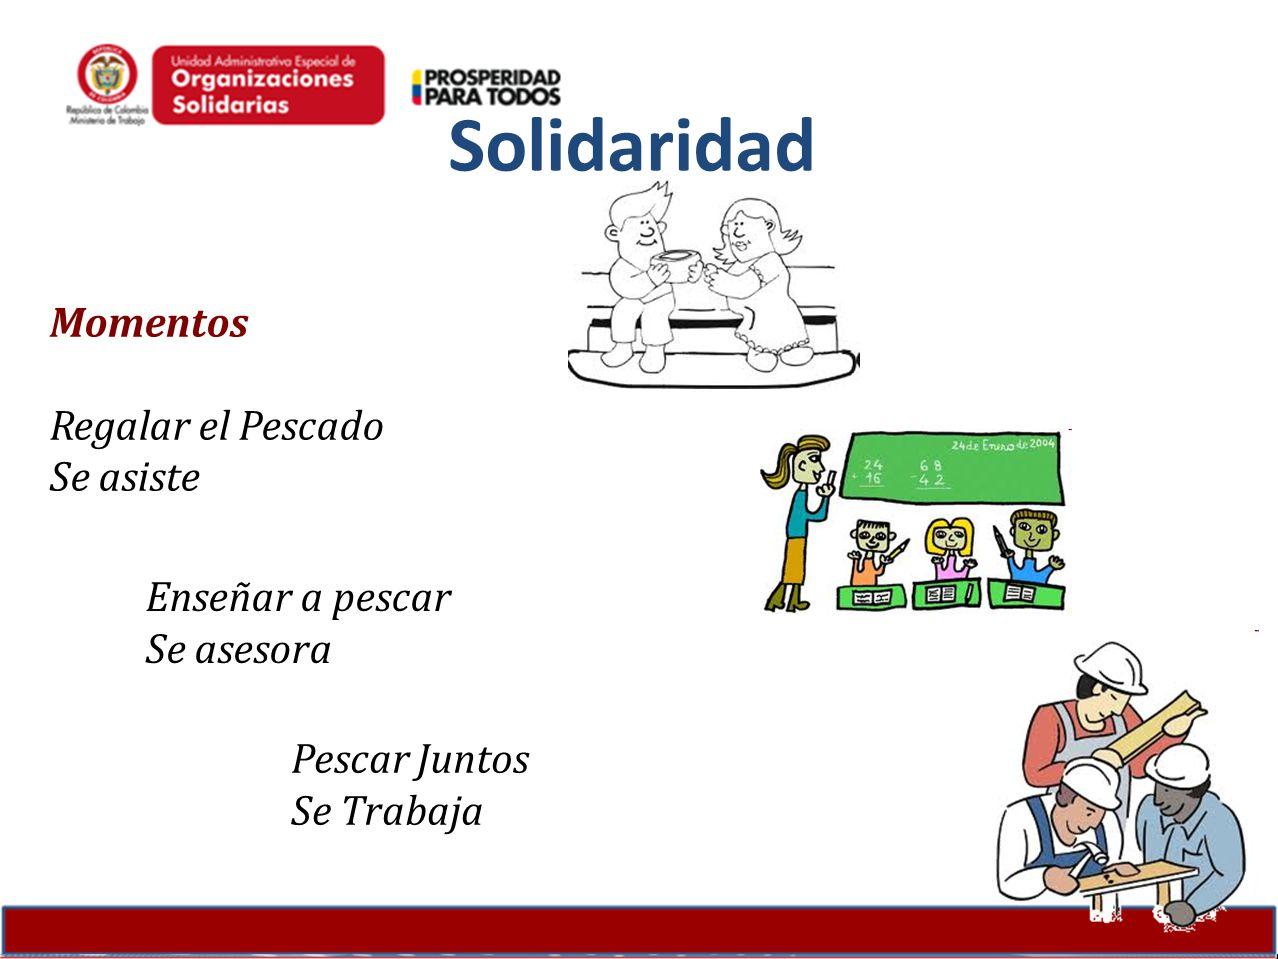 El Concepto de la Asociatividad Facultad social de los individuos como un medio de sumar esfuerzos y compartir ideales a través de la asociación de personas para dar respuestas colectivas a determinadas necesidades o problemas.